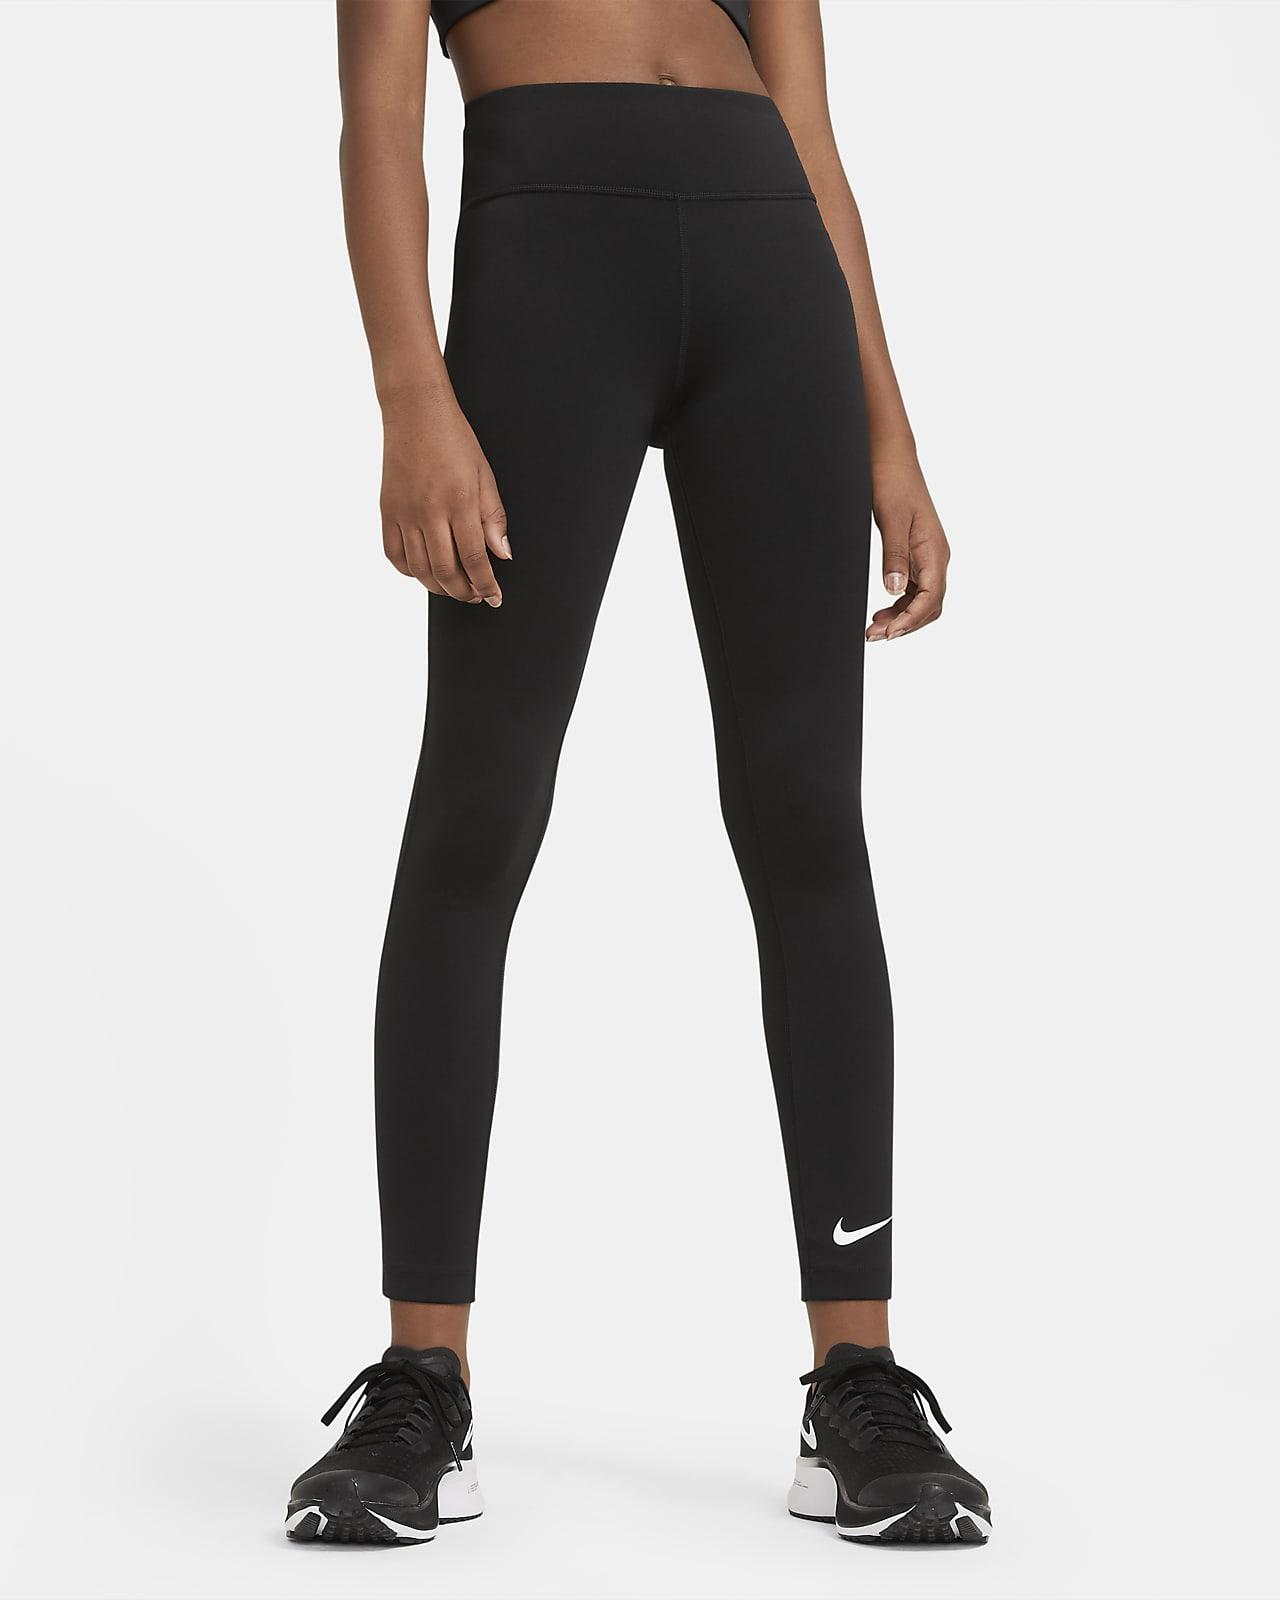 Legging de training taille haute Nike One pour Fille plus âgée